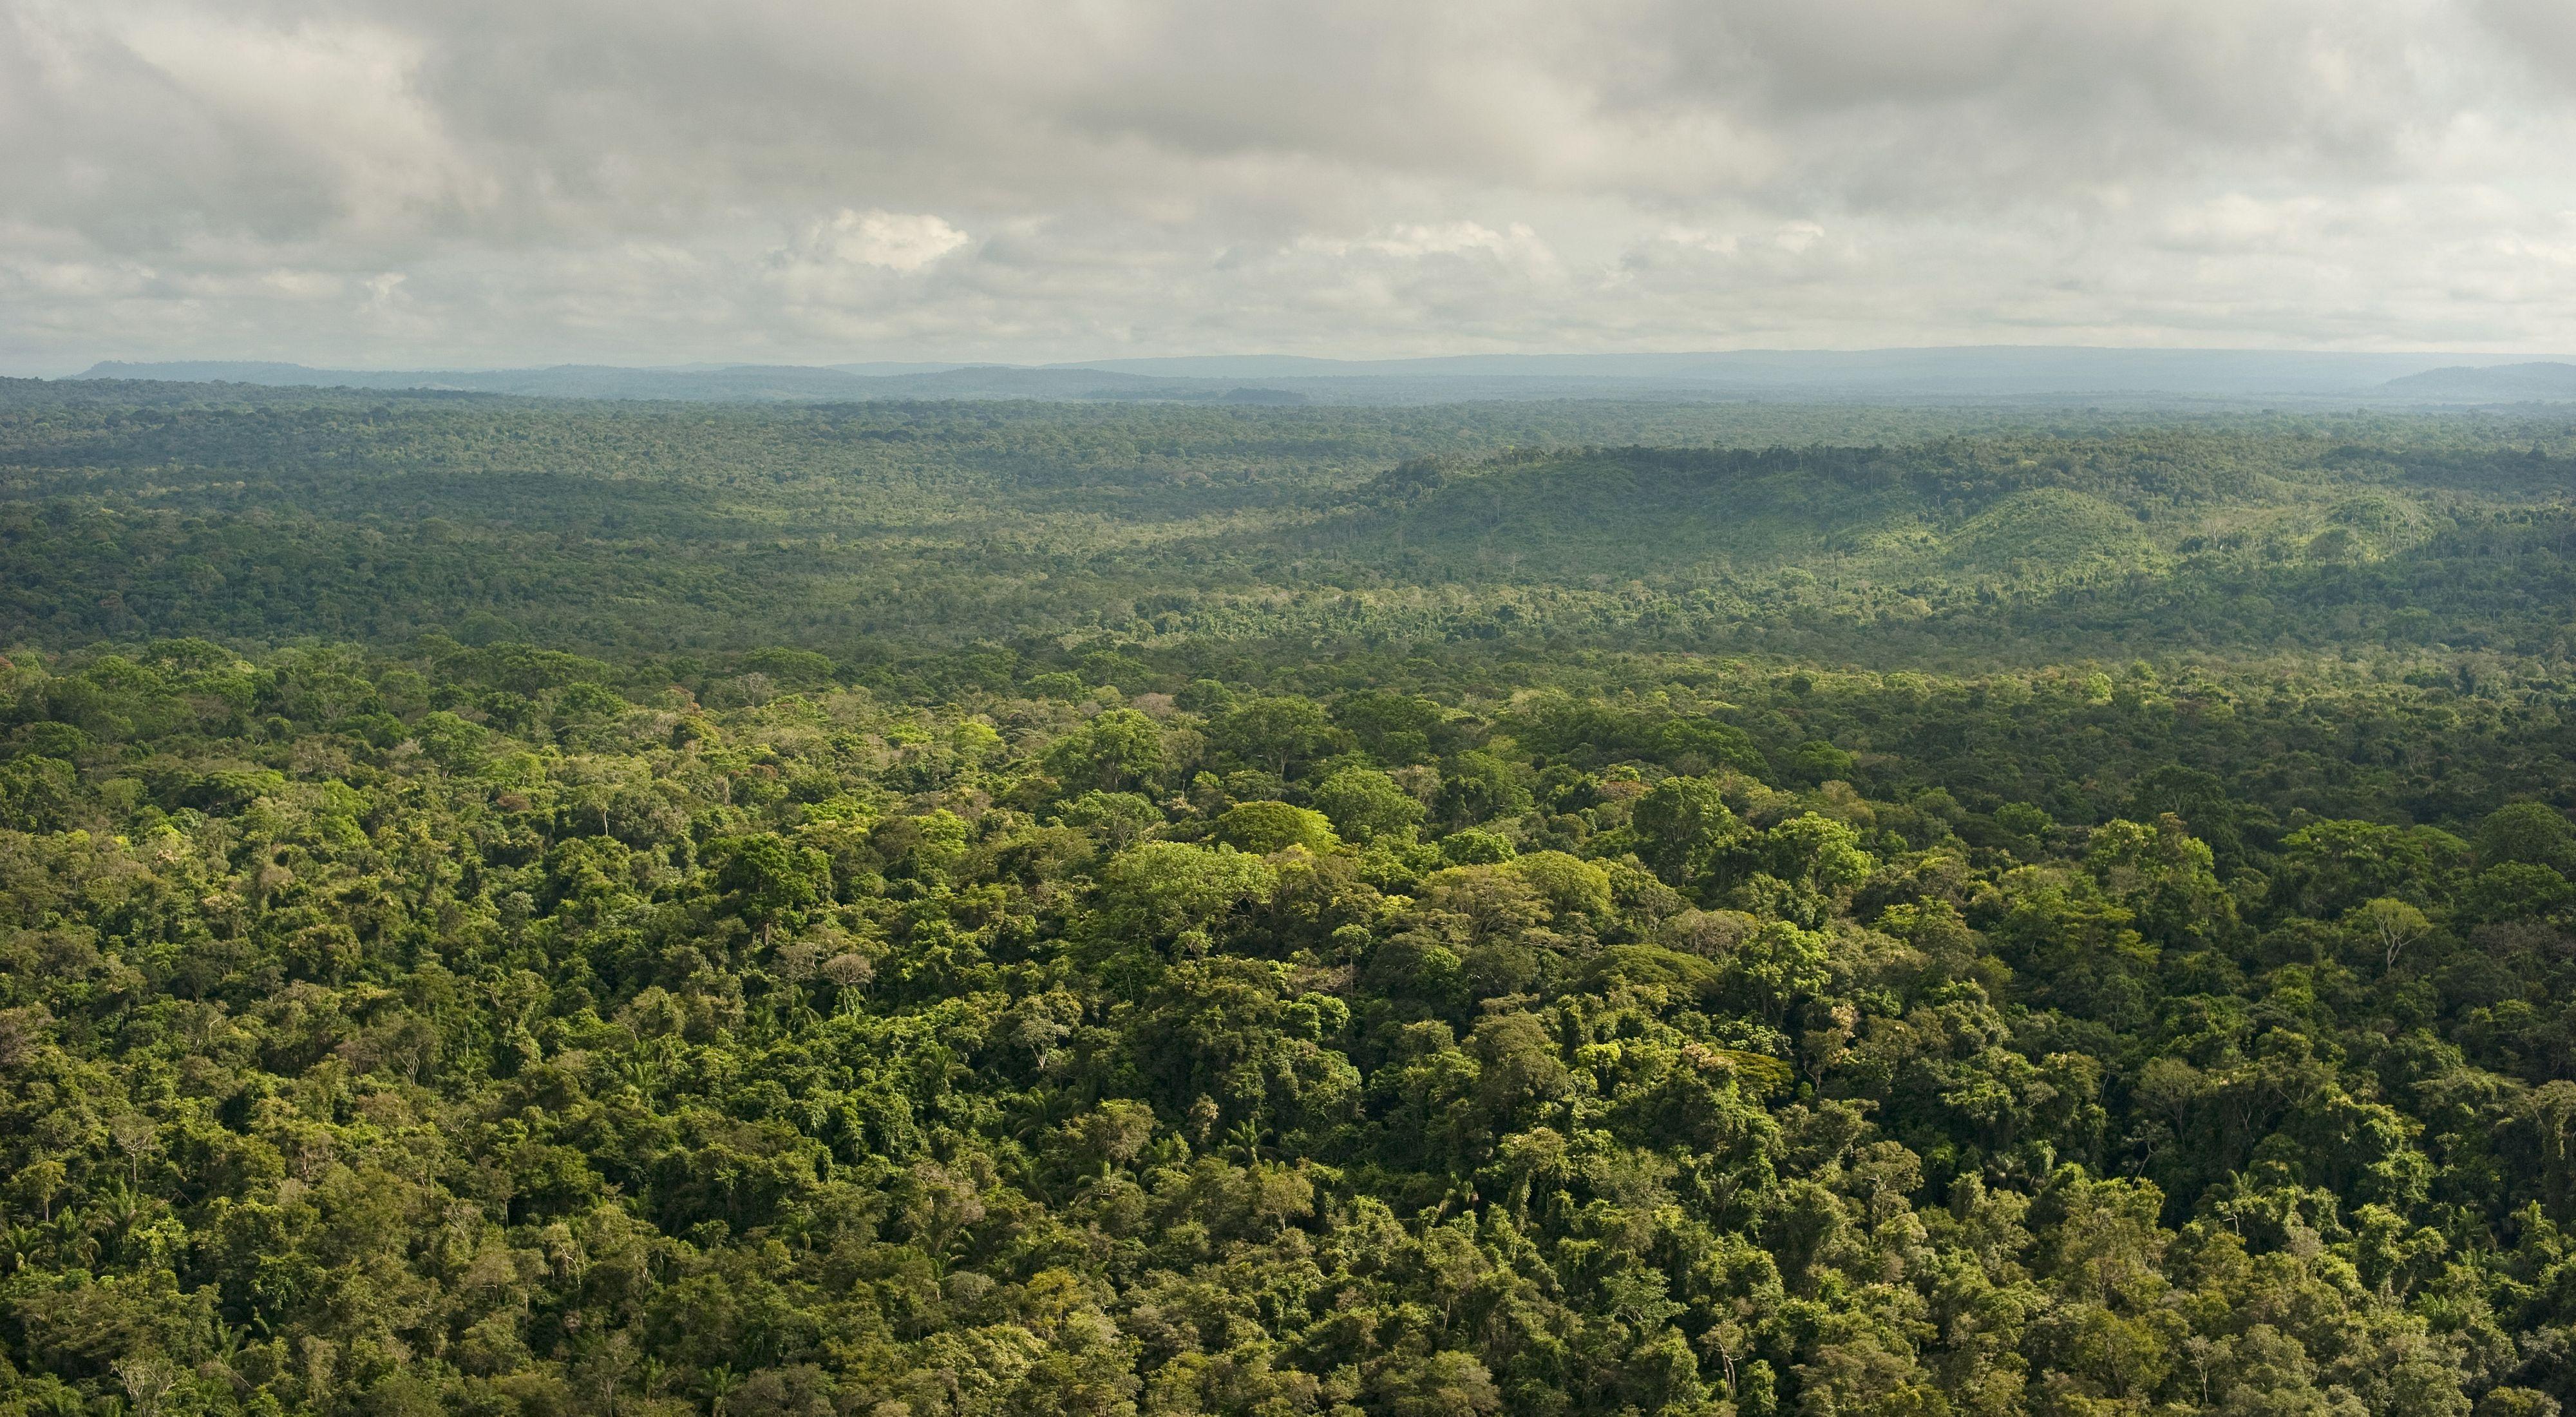 Vista aérea de floresta preservada em São Félix do Xingu-PA